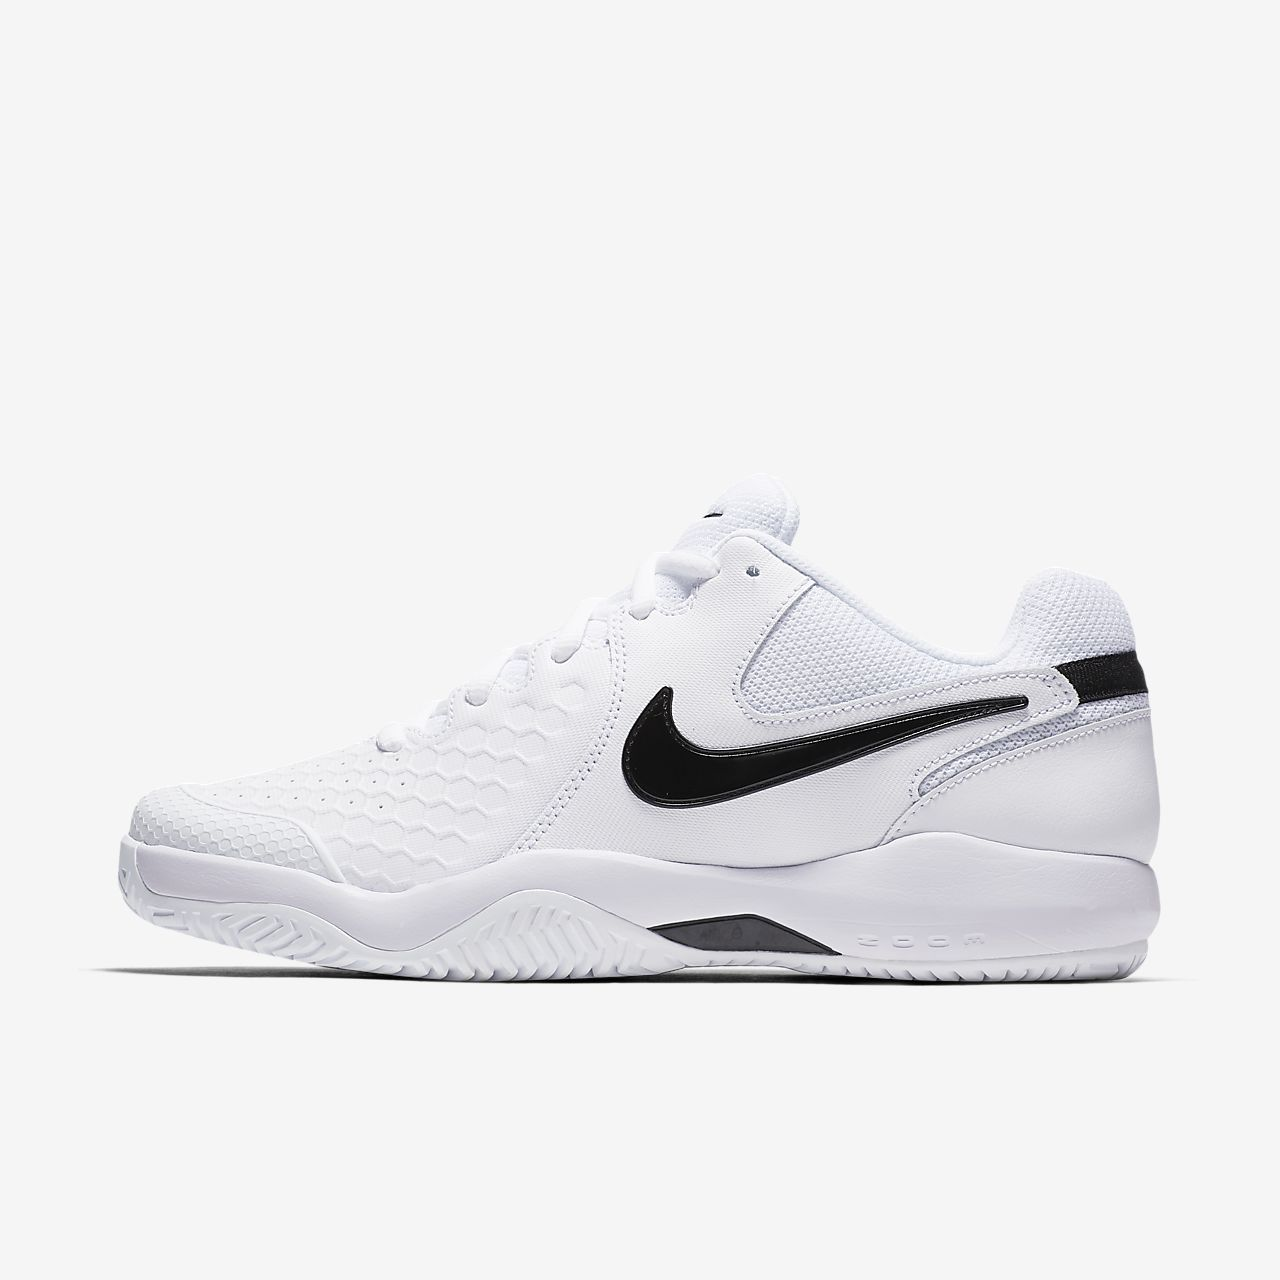 7f4304dc036af9 ... NikeCourt Air Zoom Resistance Zapatillas de tenis de pista rápida -  Hombre